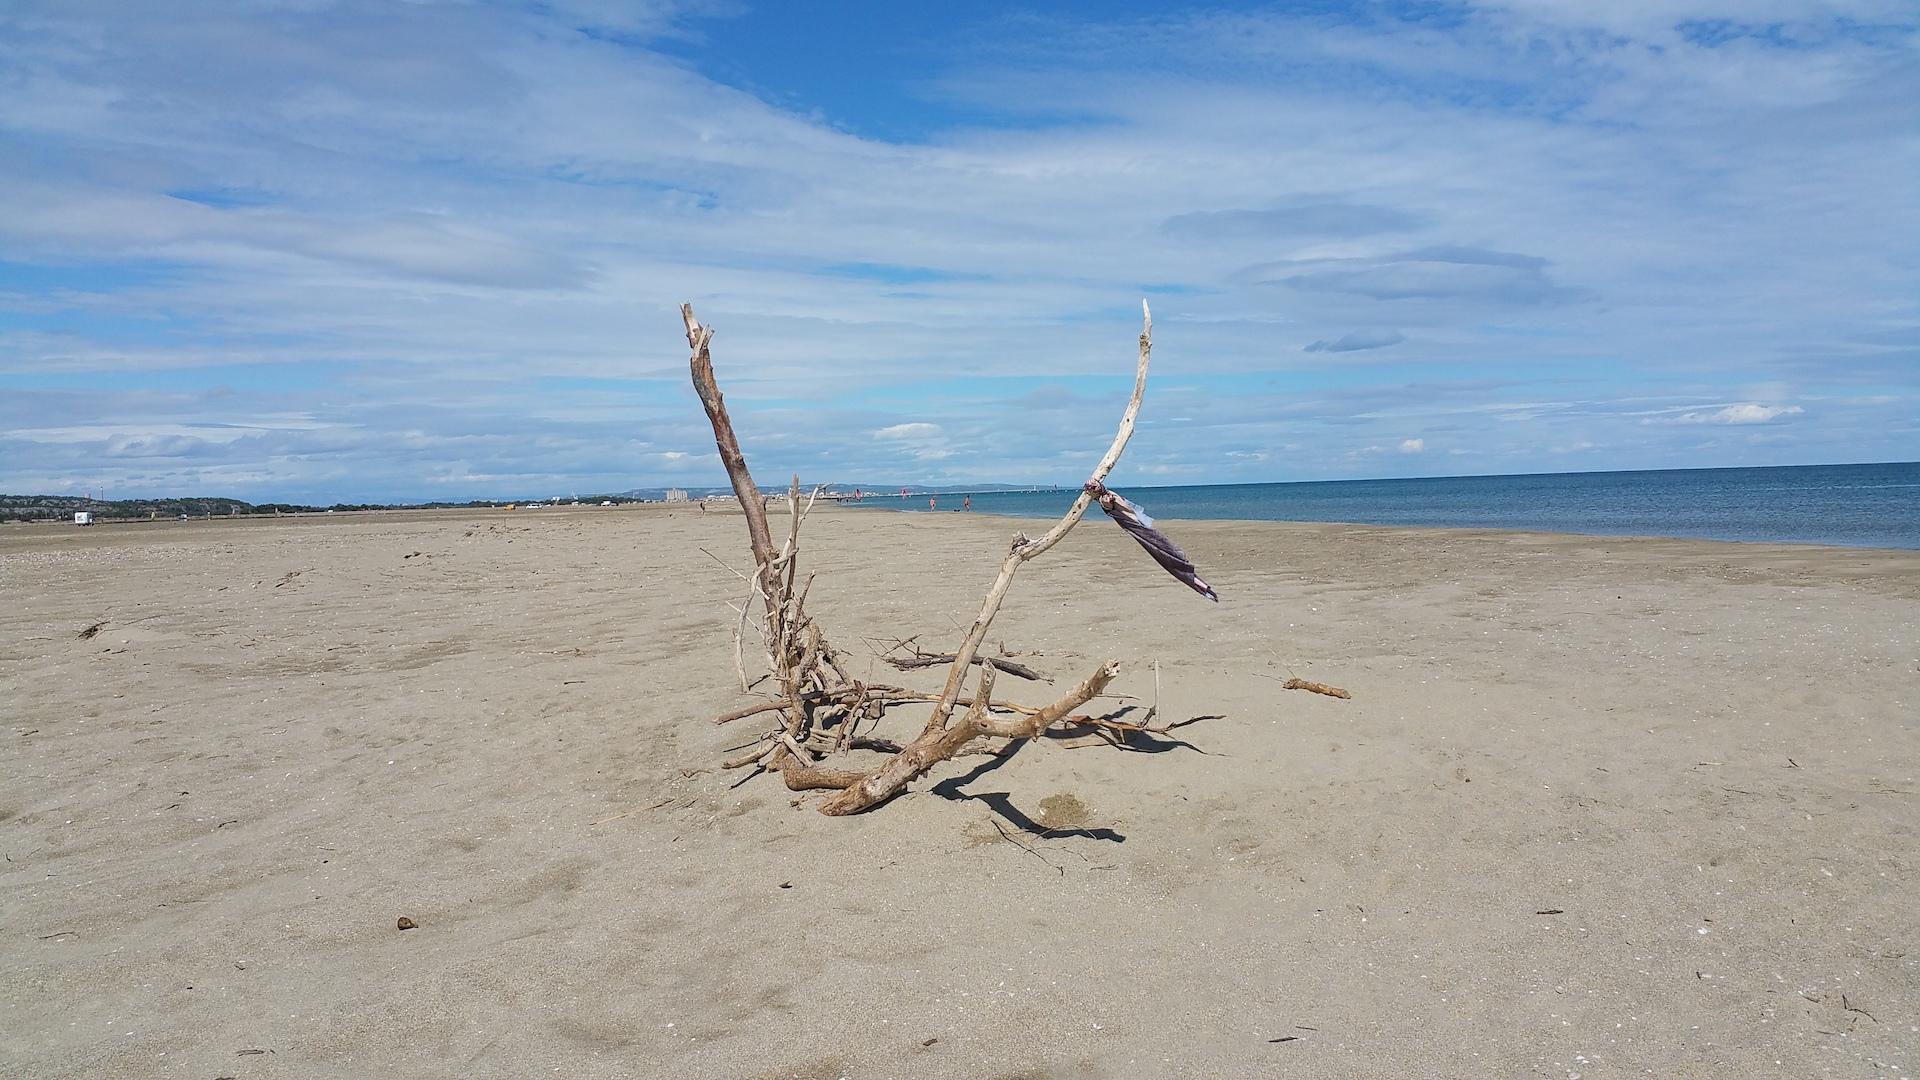 Promenade en bord de mer pour ramasser du bois flotté